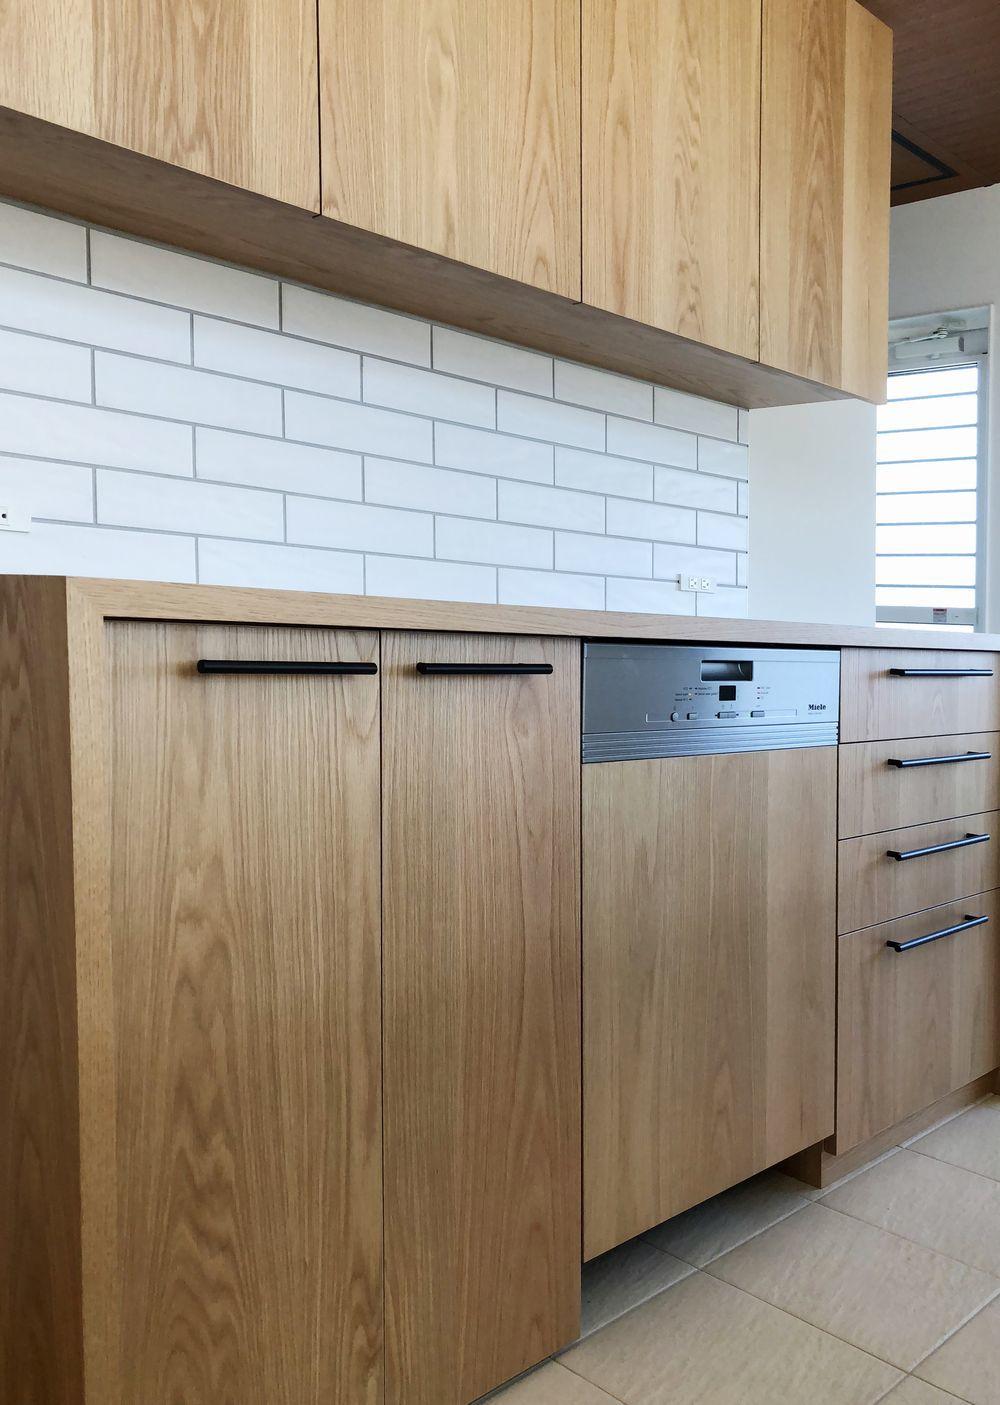 ナチュラル空間への食洗機、洗濯機設置_a0155290_11461560.jpg